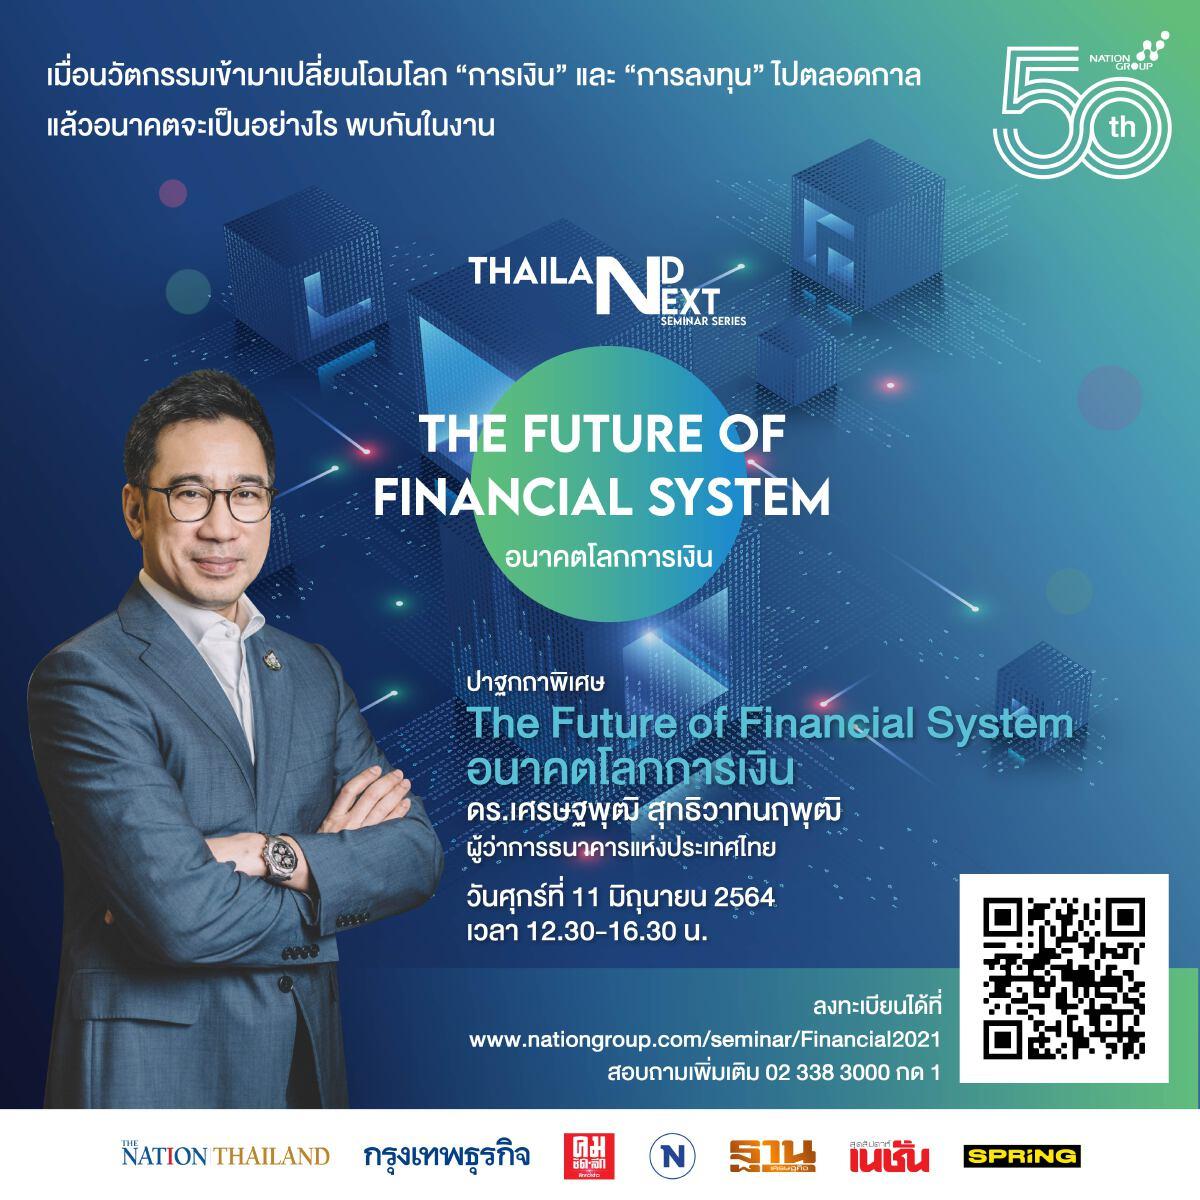 ชวนฟังสัมมนา Thailand Next : The Future of Financial System อนาคตโลกการเงิน